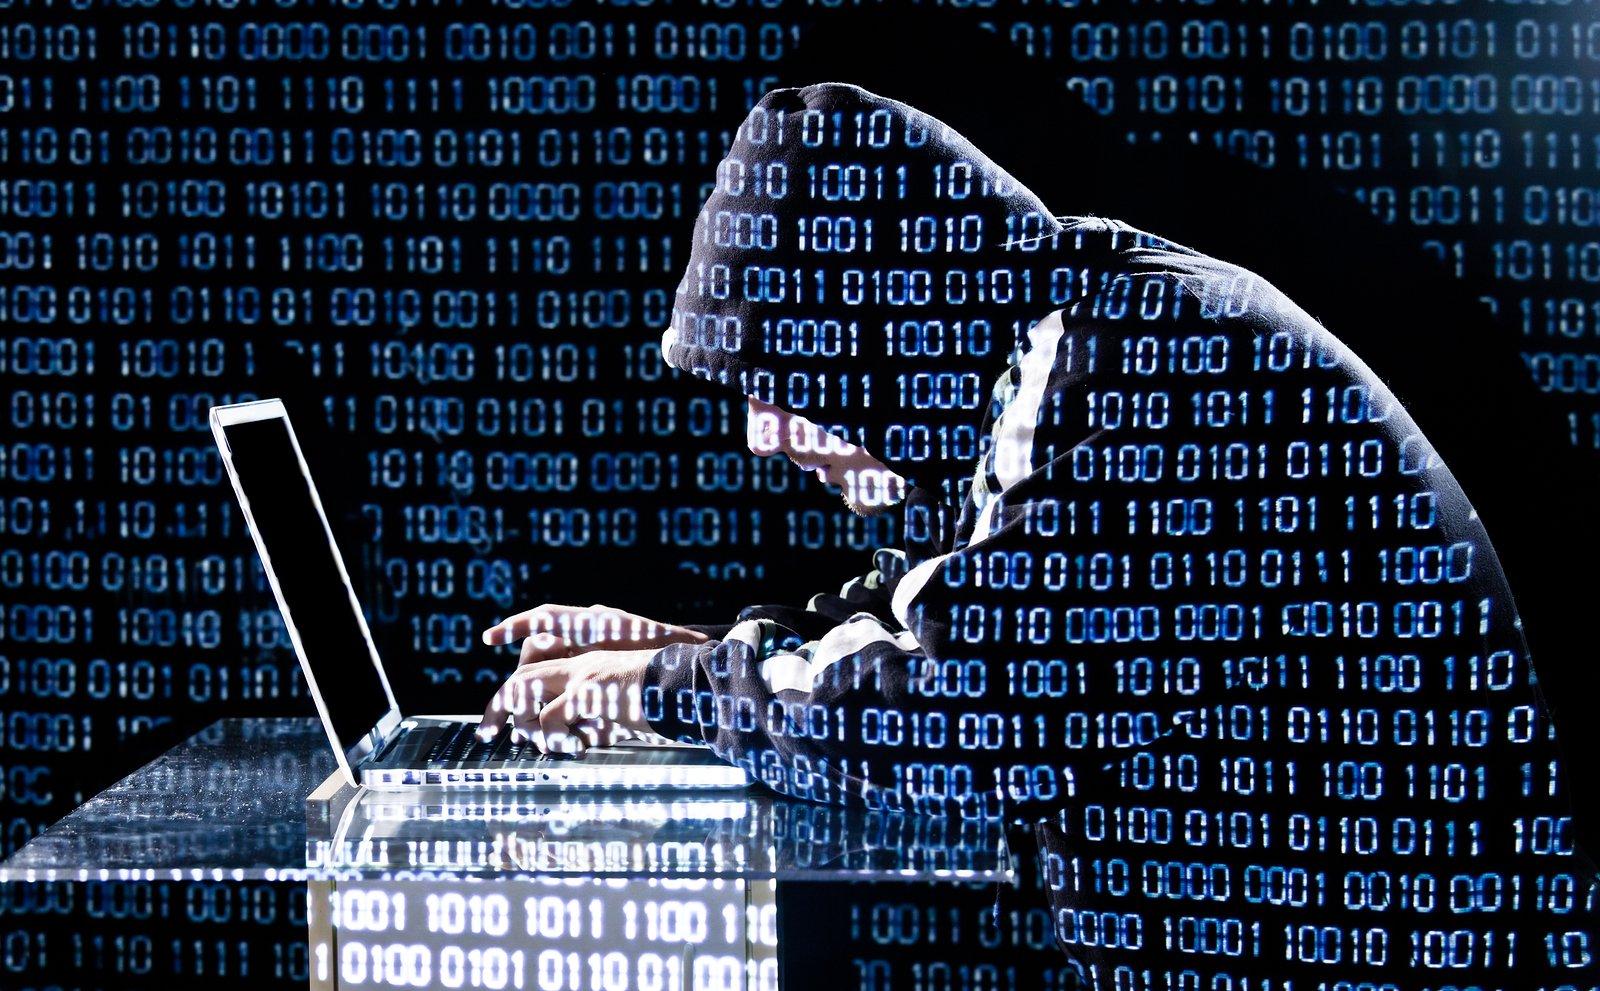 Un informático de INDRA investigado por ciberterrorismo contra Hacienda